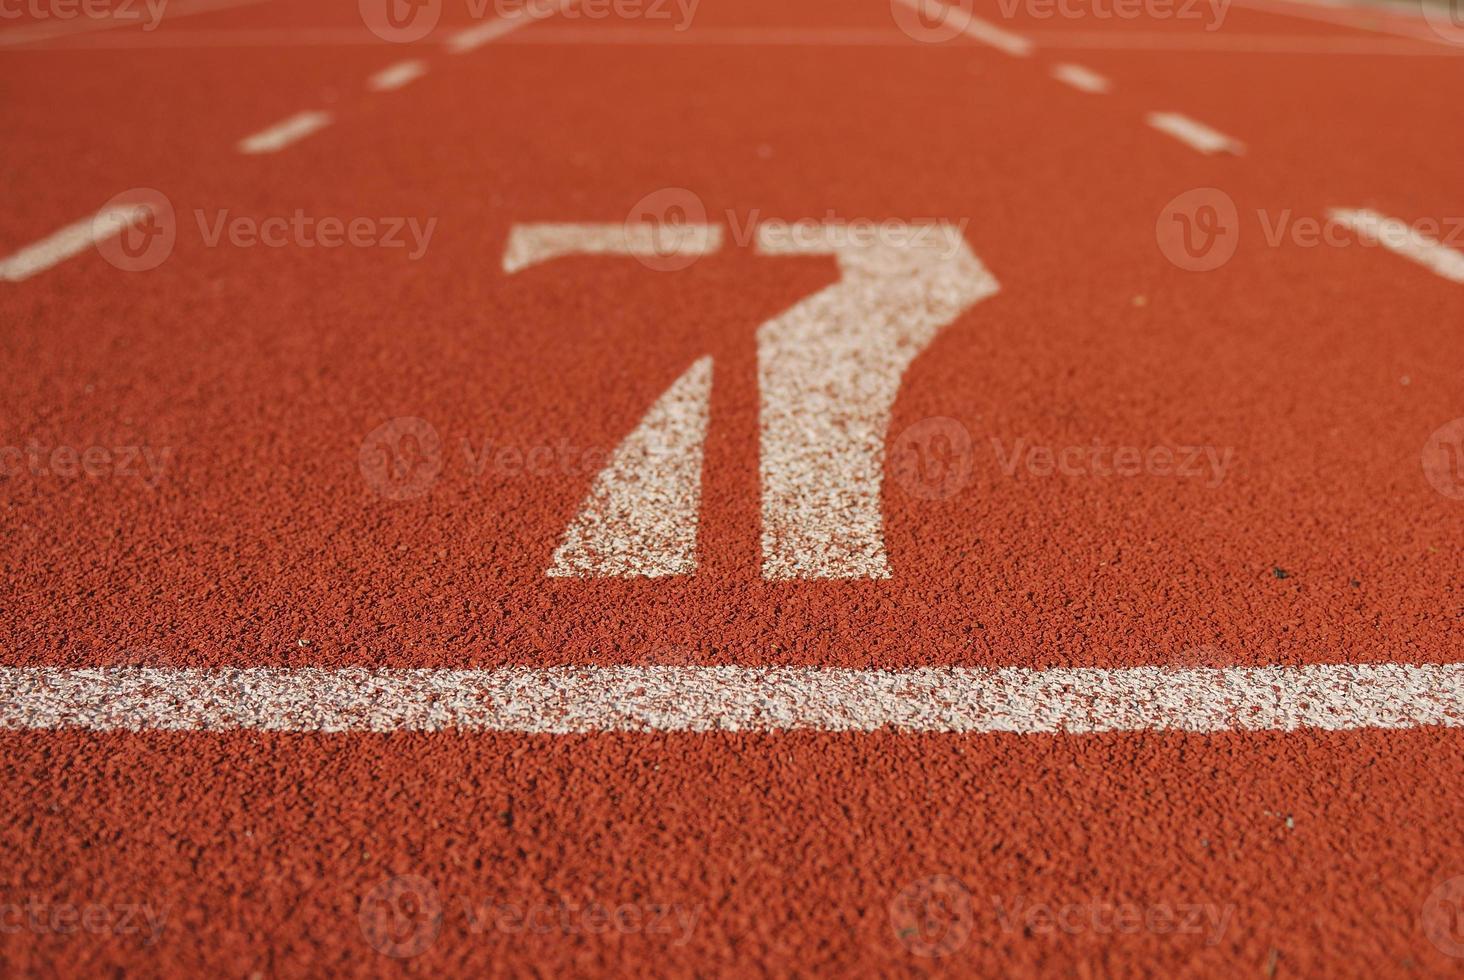 pista de corrida atlética no estádio foto